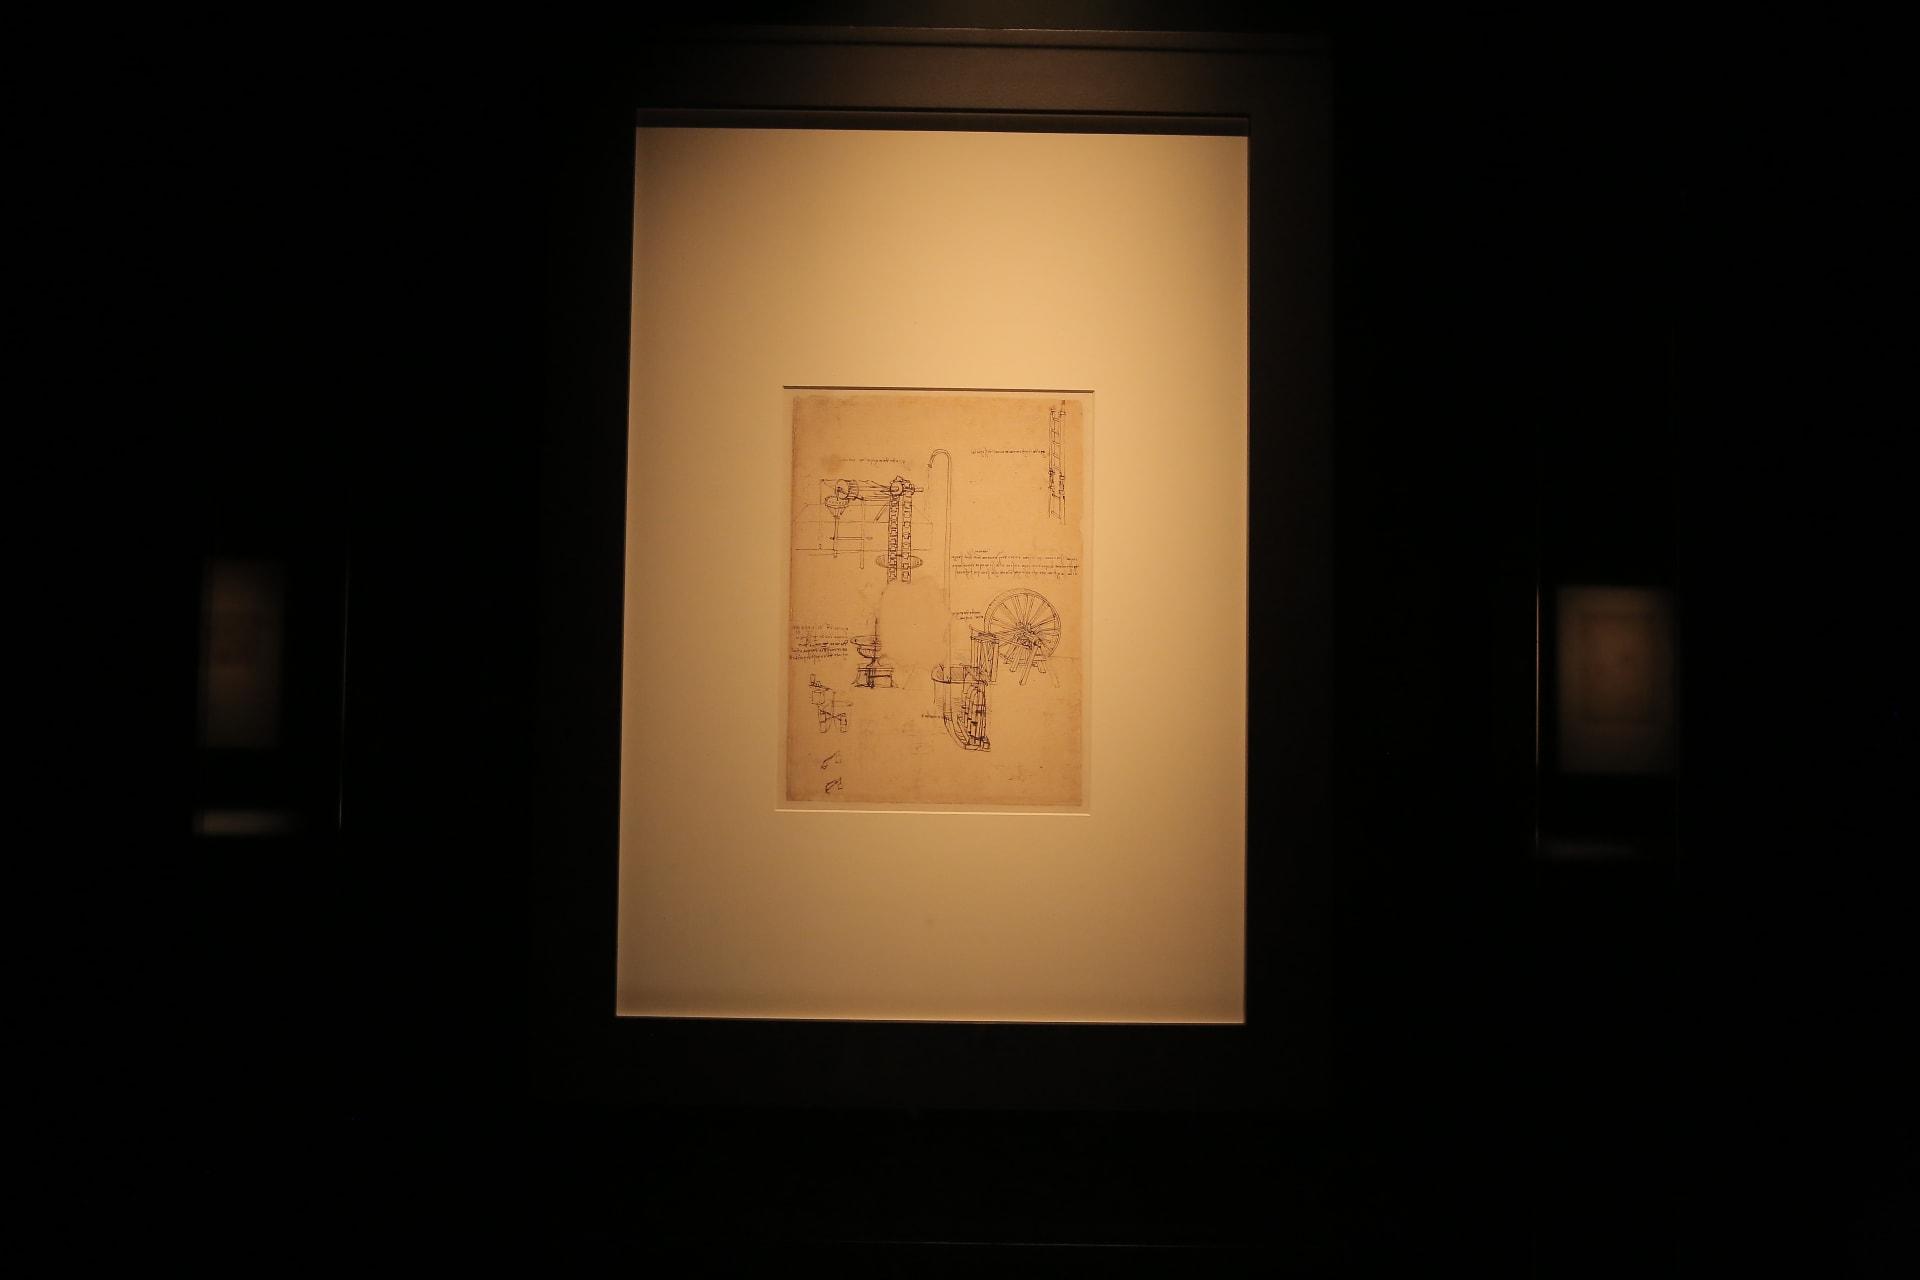 مخطوطات في السعودية